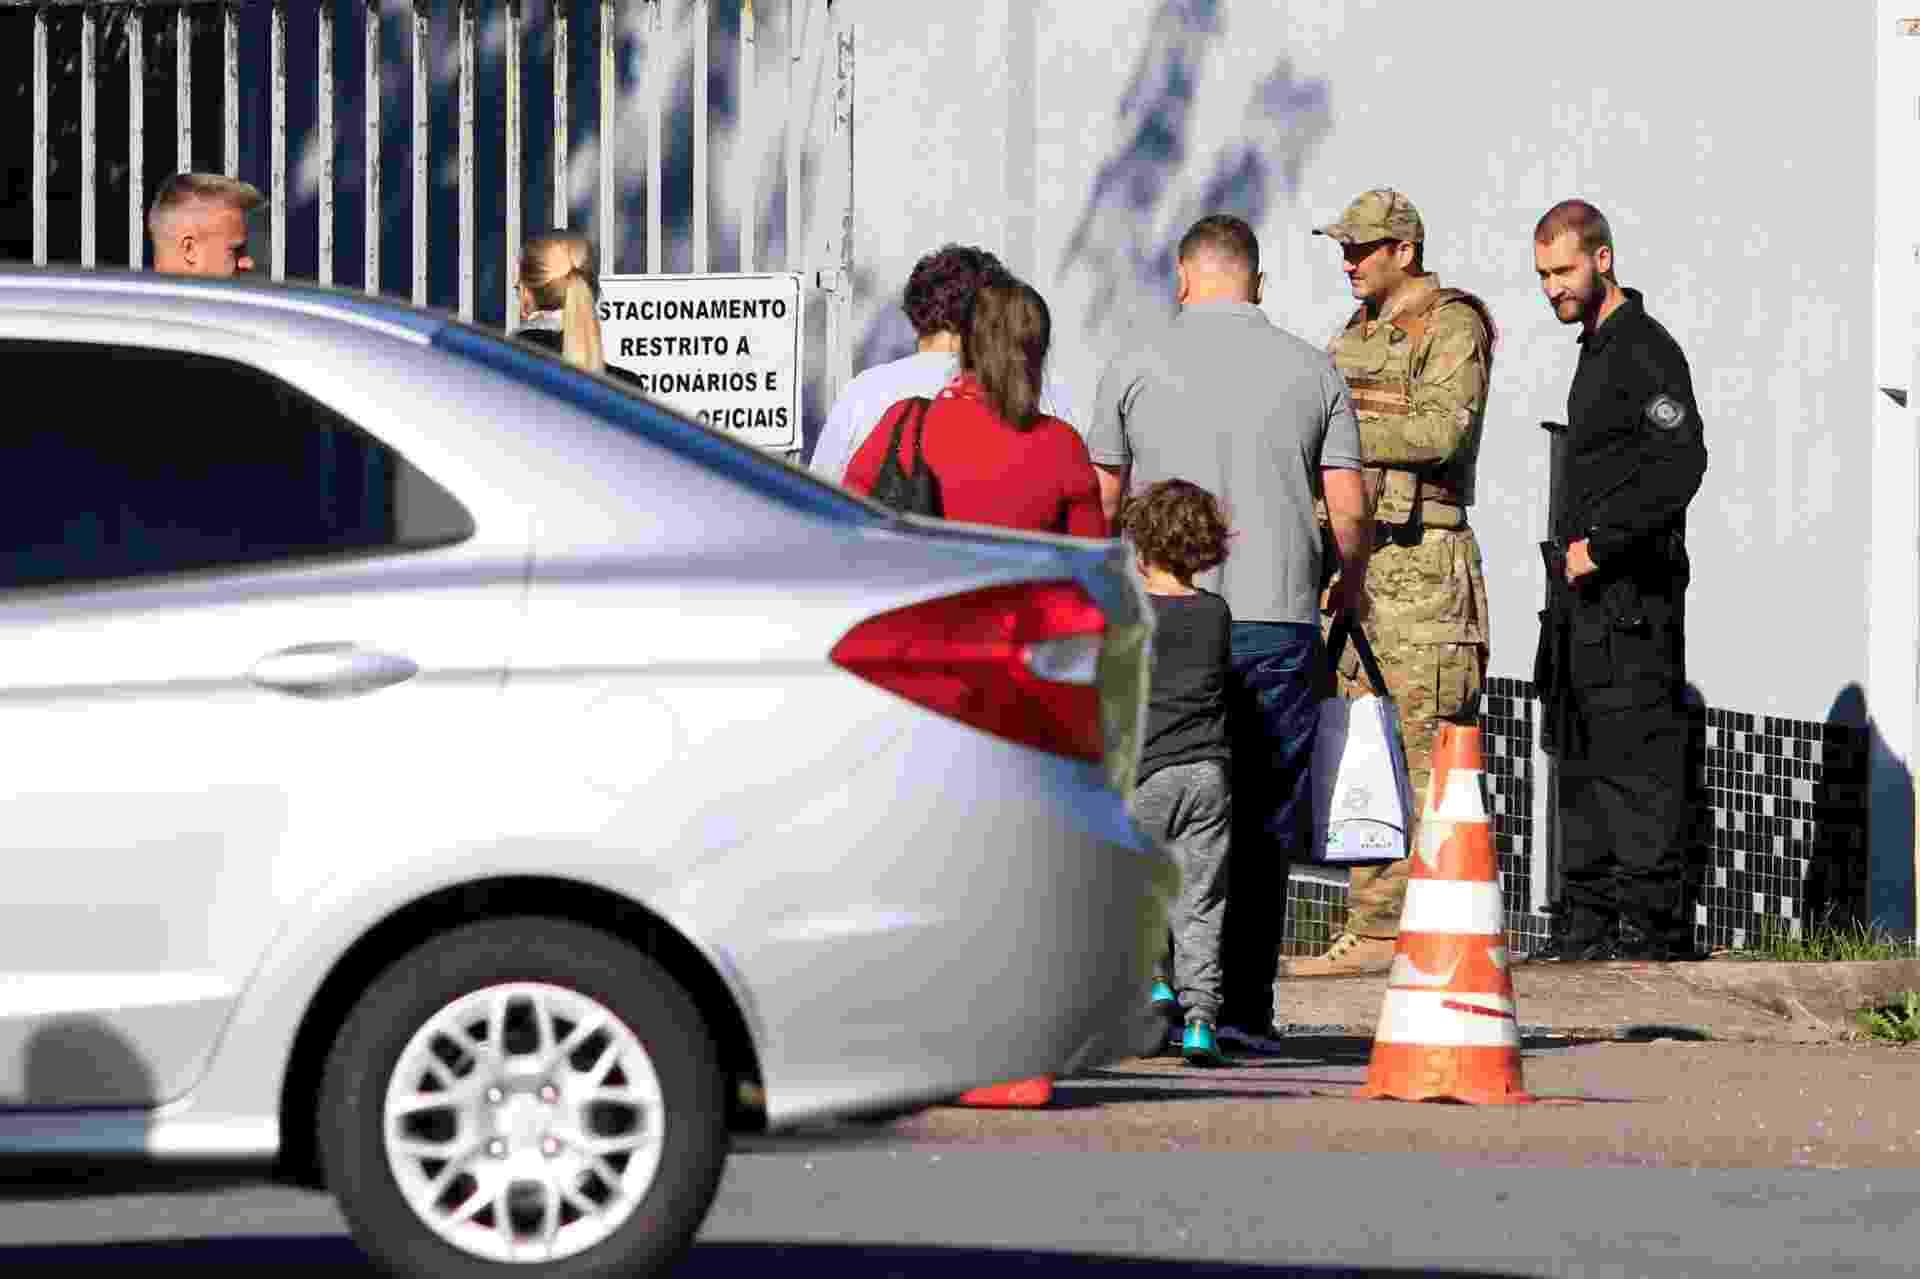 19.abr.2018 - Familiares do ex-presidente Lula, que está preso na sede da Polícia Federal em Curitiba, chegam pelo portão dos fundos da instituição - Theo Marques/Folhapress